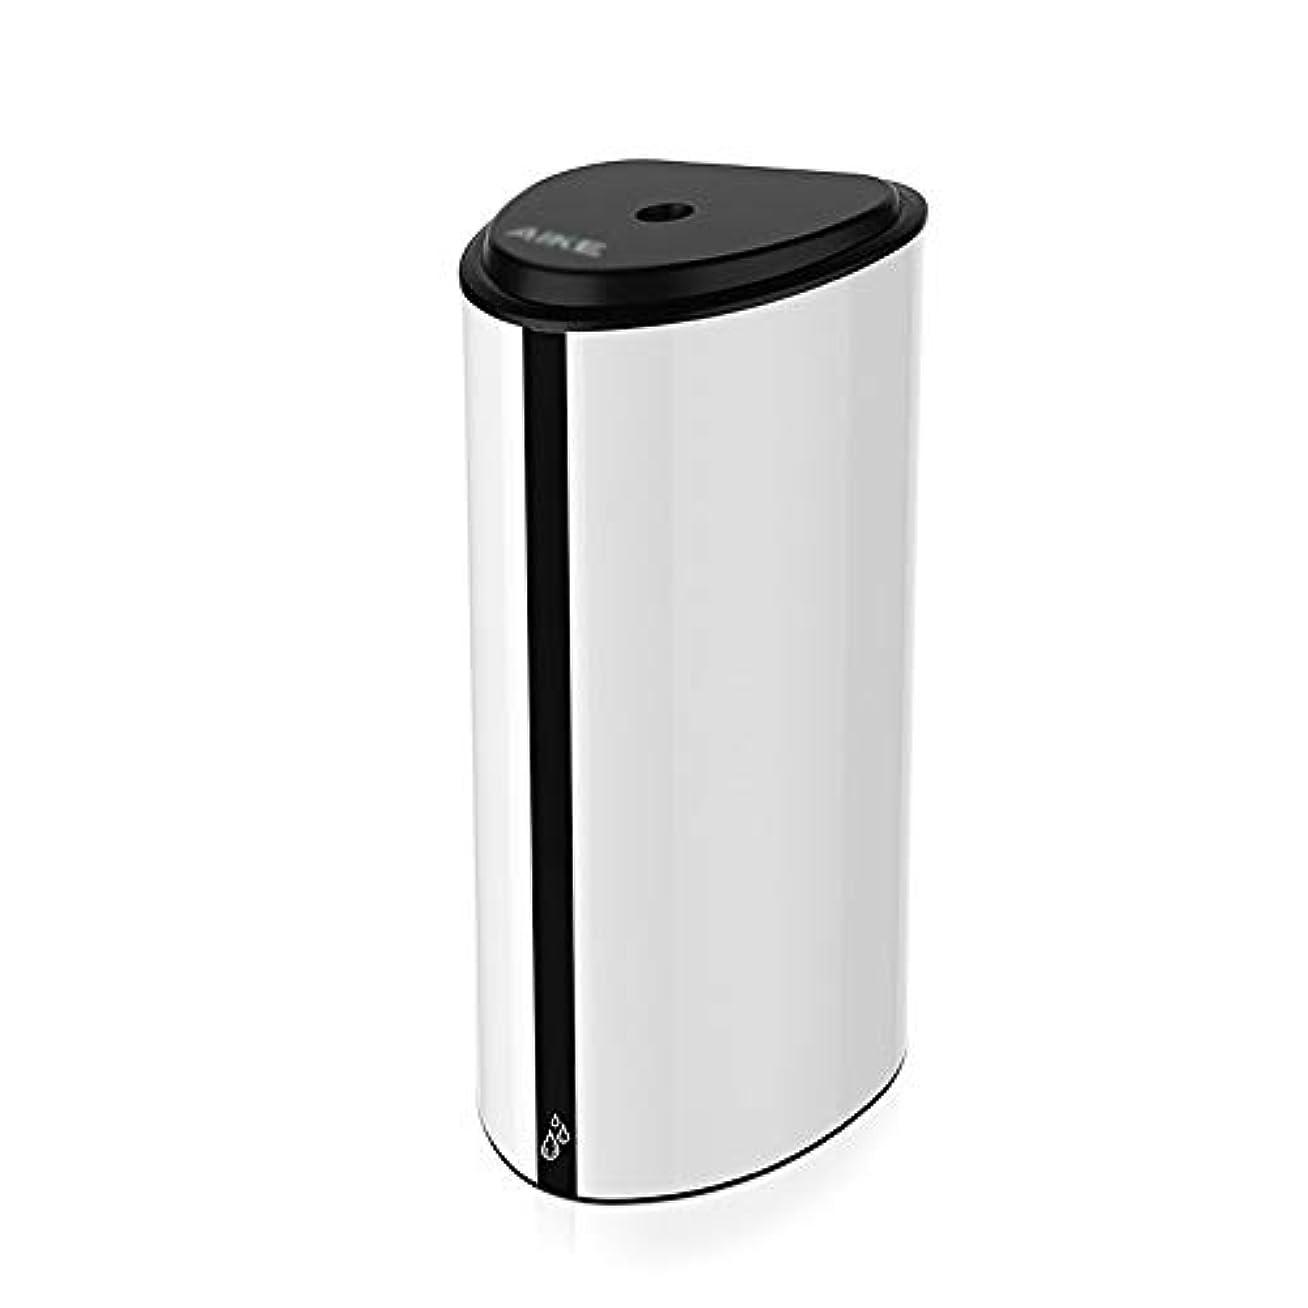 廃棄するビヨン覆すソープディスペンサー 800ミリリットル容量の自動ソープディスペンサーは、タッチレスバッテリーは、ハンズフリーソープディスペンサーを運営しました ハンドソープ 食器用洗剤 キッチン 洗面所などに適用 (Color : White...